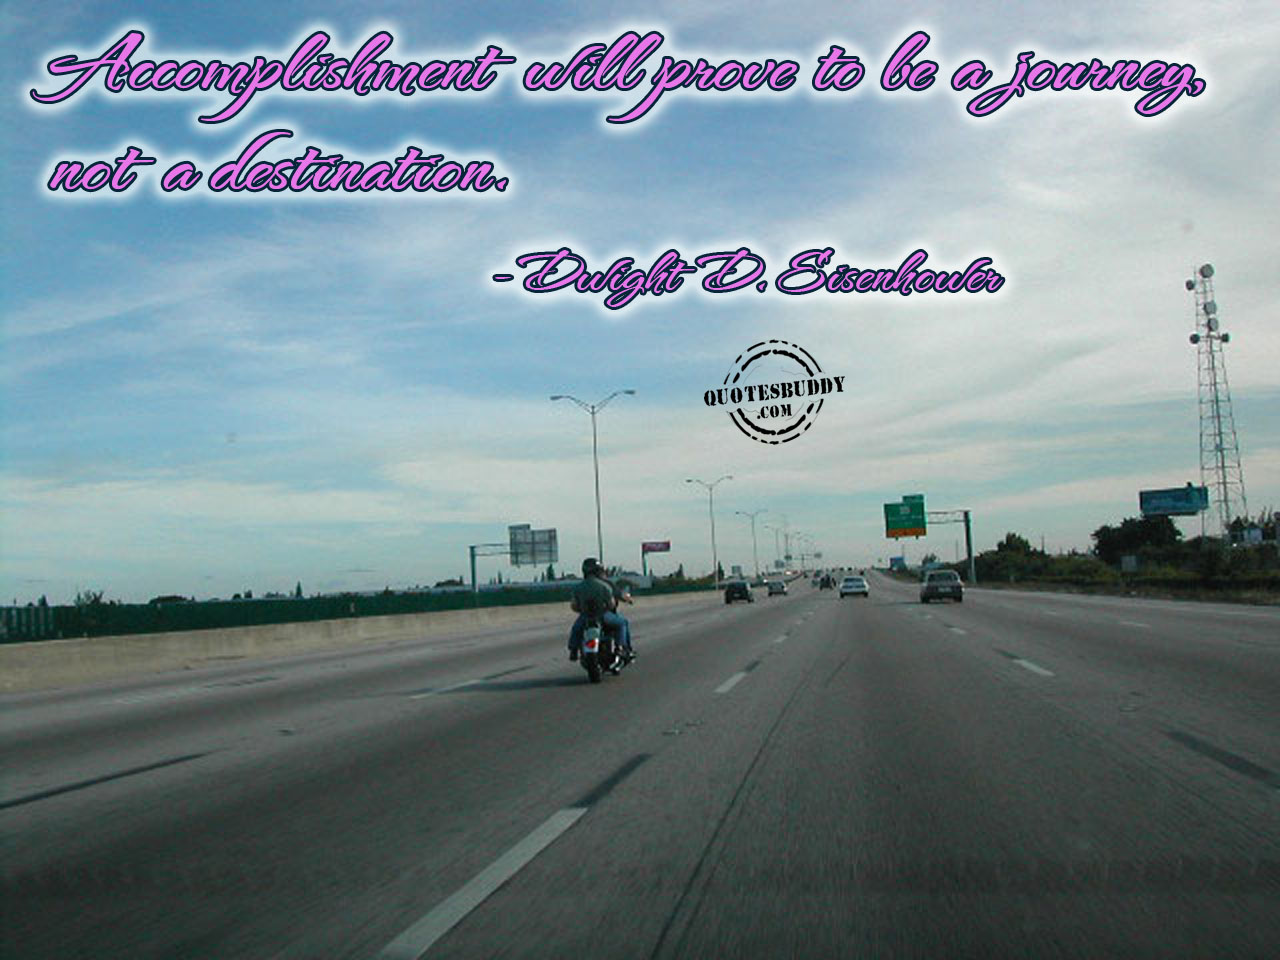 Destination quote #1